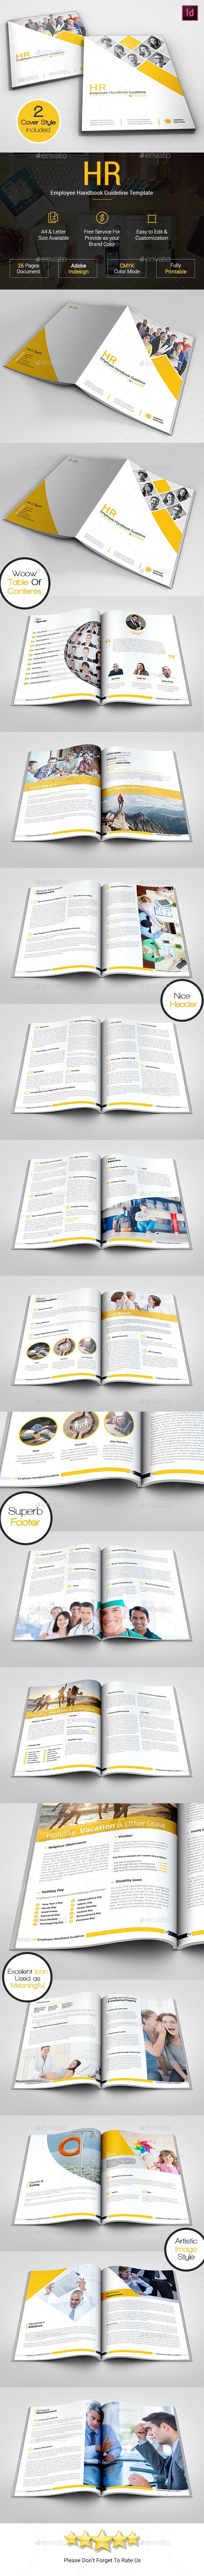 HR - Employee Handbook Guideline Portrait Template - Informational Brochures